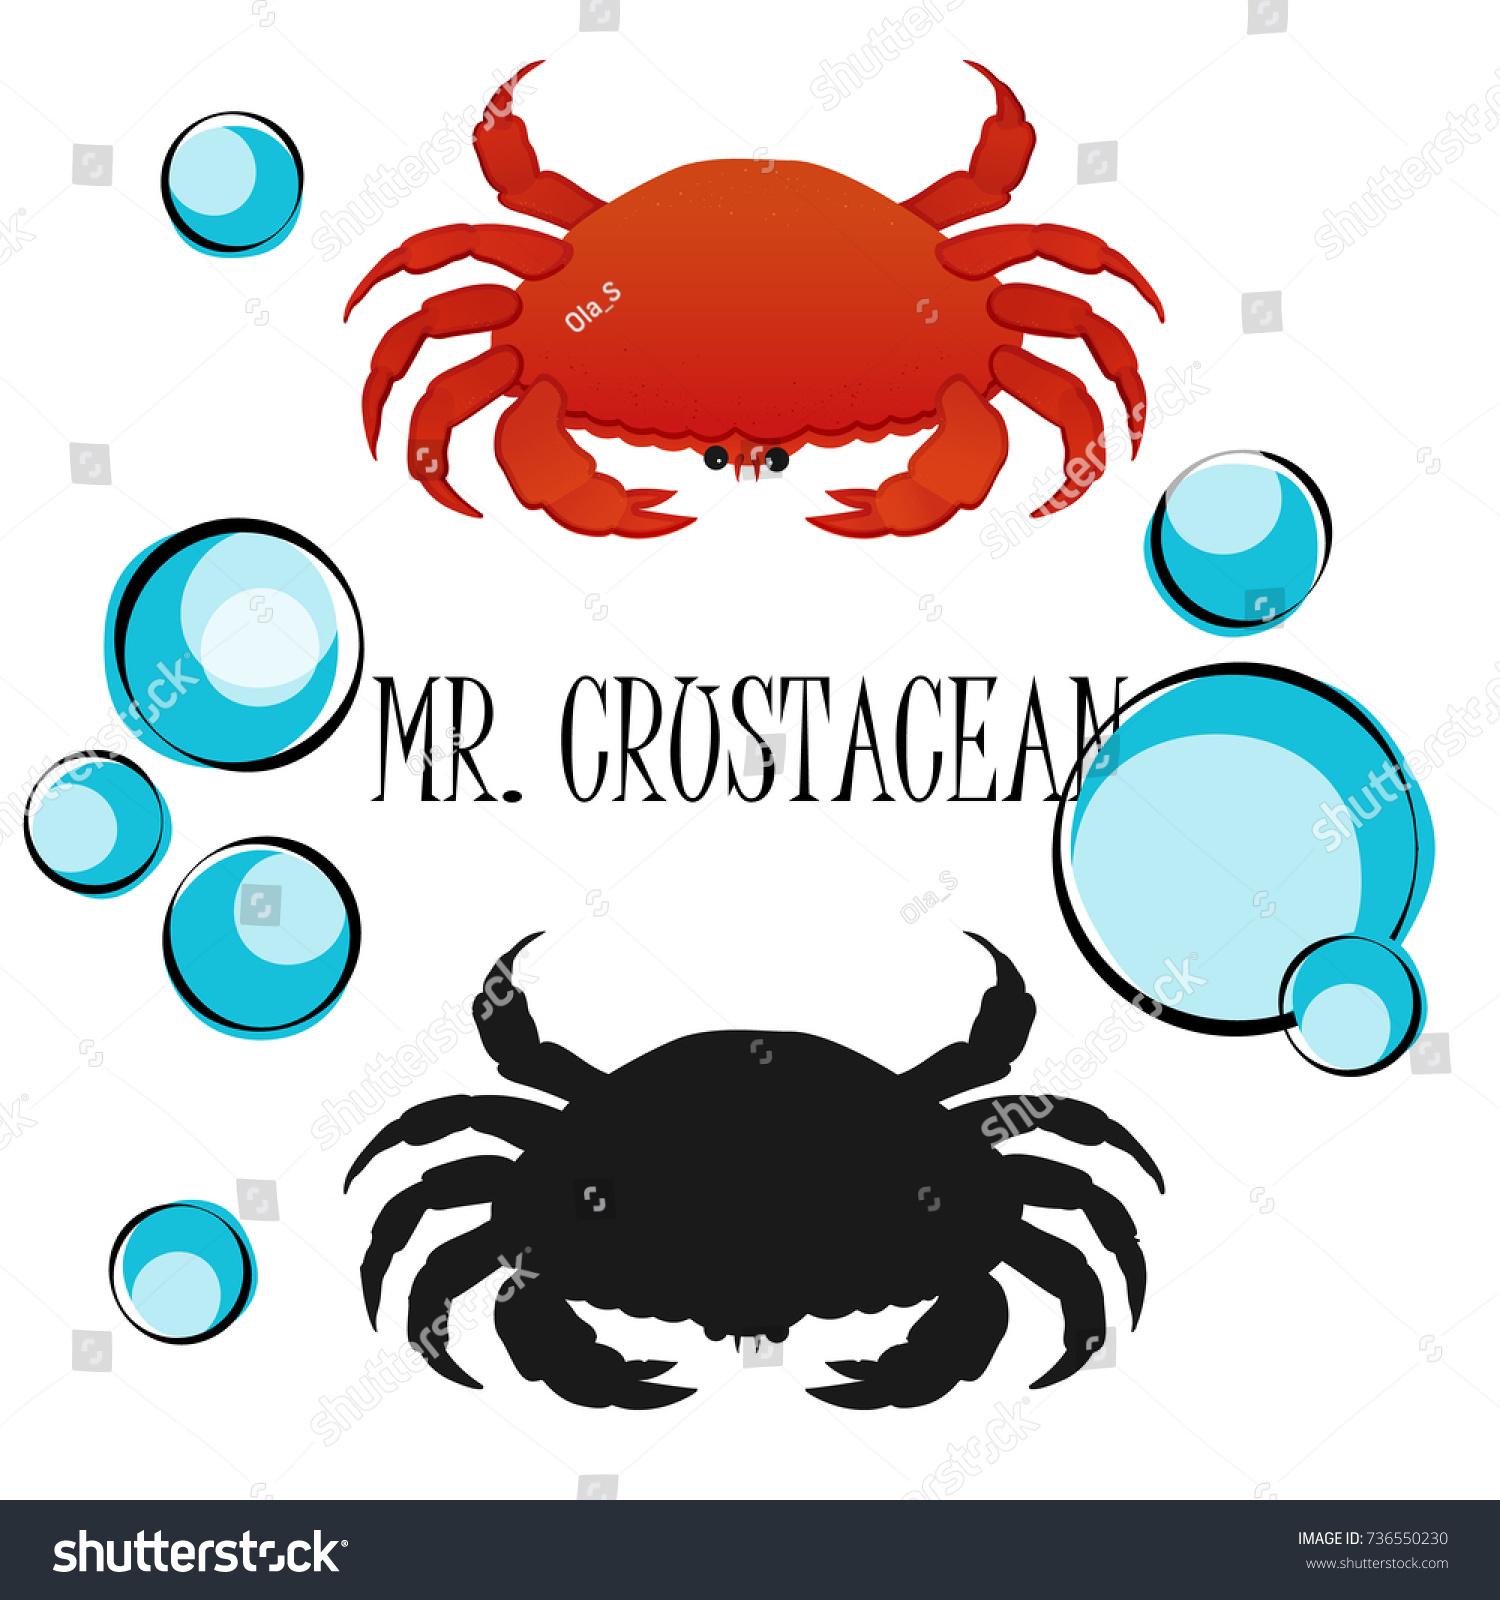 Crab clipart. Free download transparent .PNG   Creazilla   1600x1500